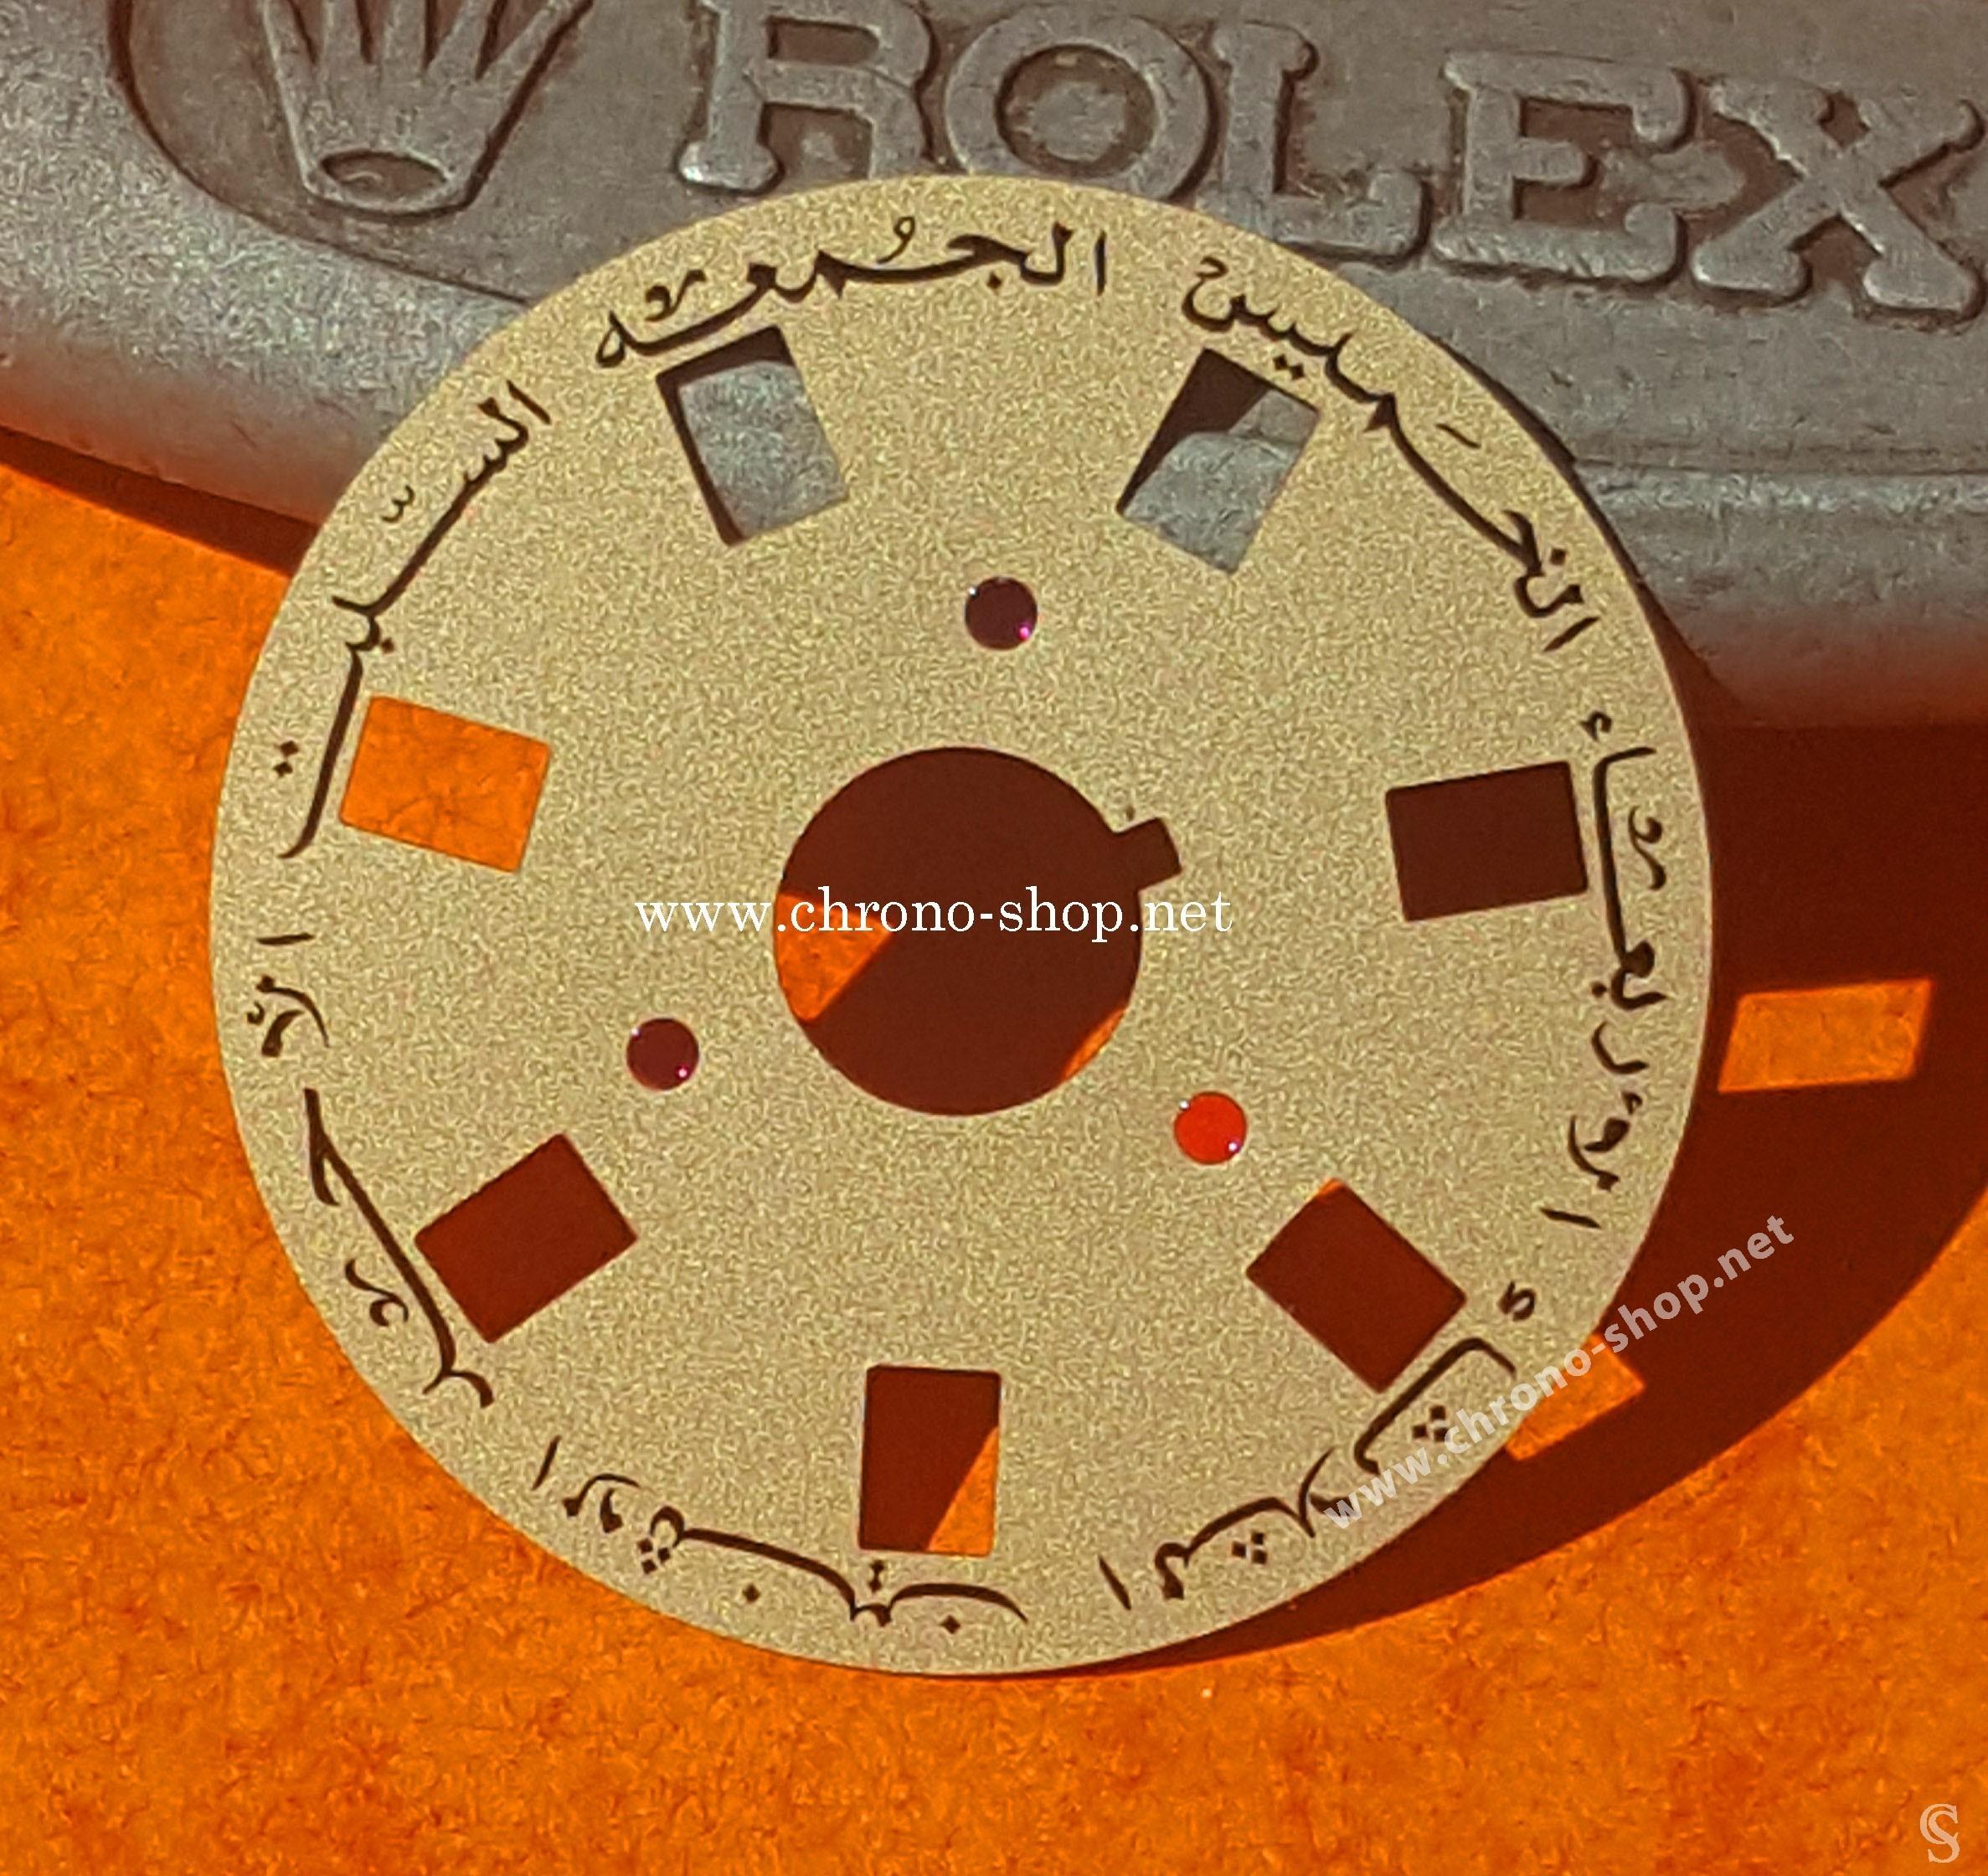 ROLEX FOURNITURE HORLOGÈRE DISQUE DE JOURS ARABES OMAN MONTRES PRESIDENT DAYDATE 1801, 1803, 1807 CAL 1556, 3055